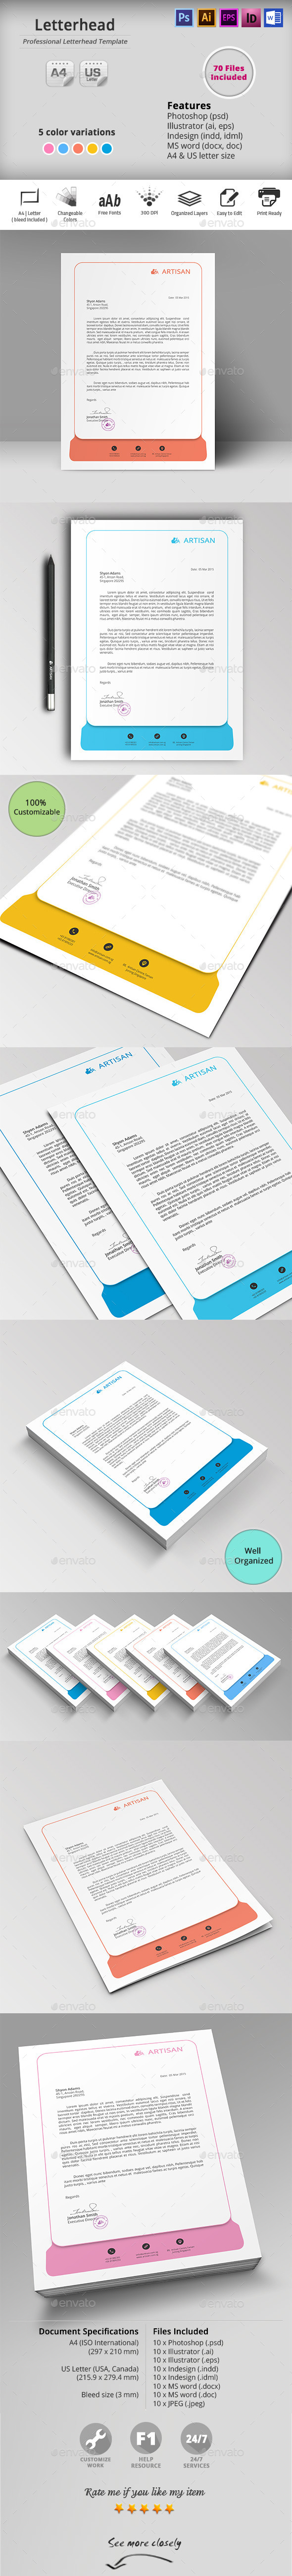 GraphicRiver Letterhead 10581000